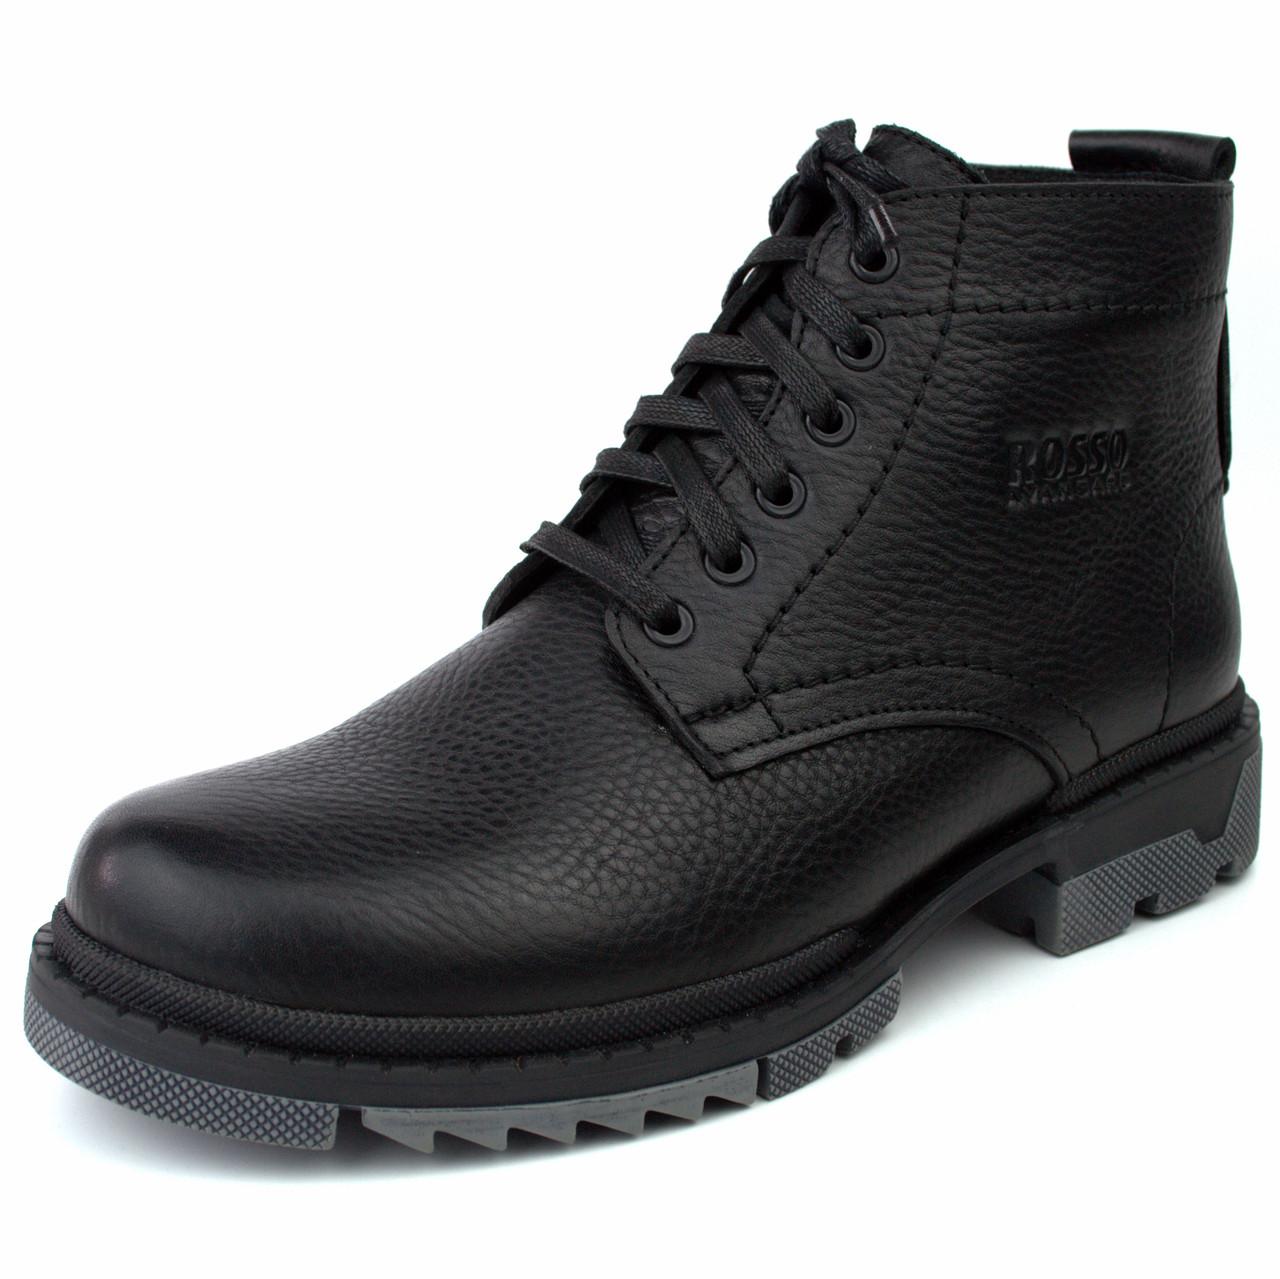 Зимние ботинки ручной работы индивидуально пошита обувь для мужчин из натуральной кожи Ultimate by Rosso